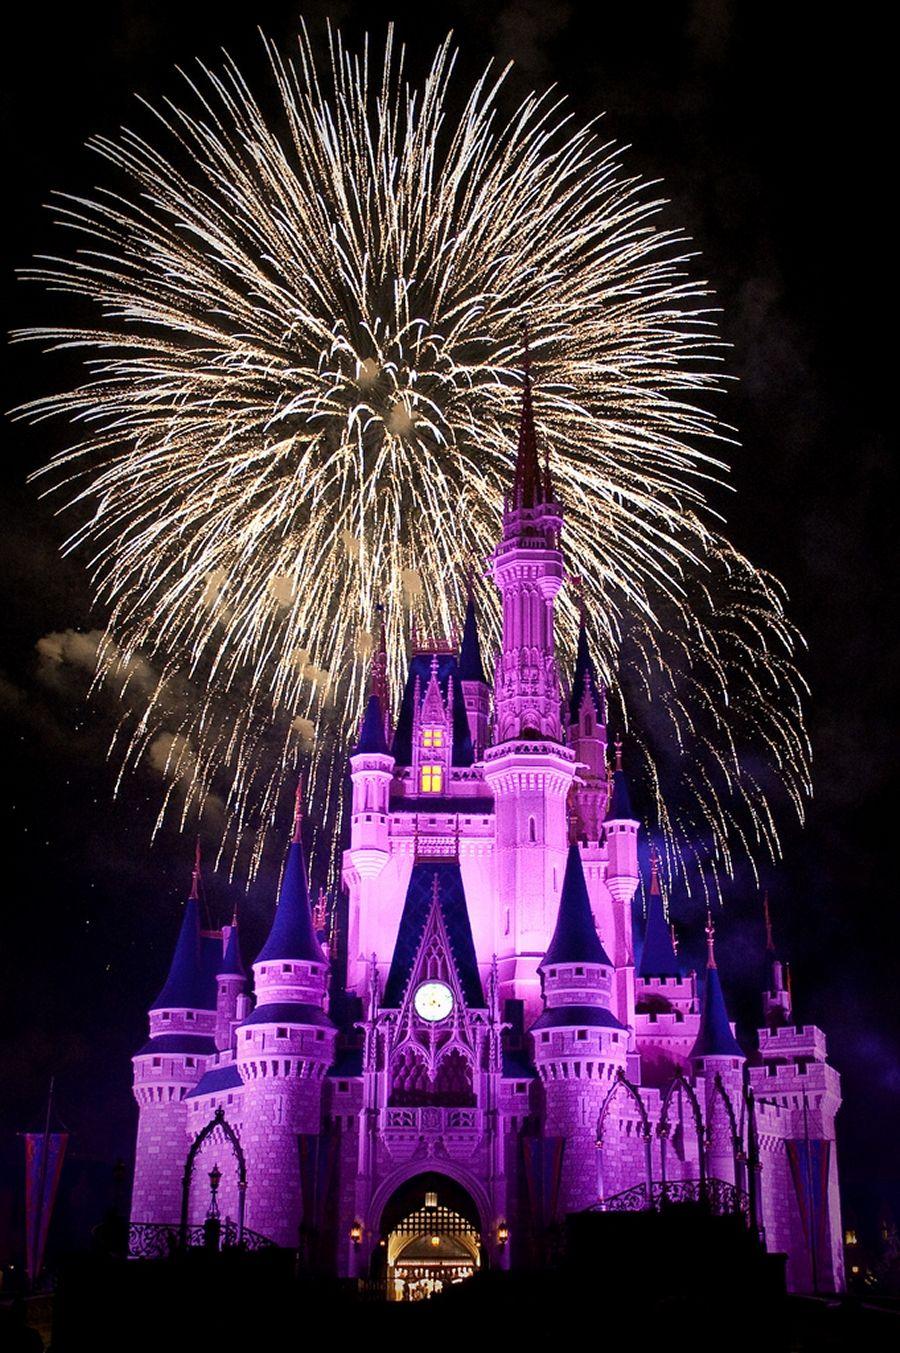 Fireworks at the Magic Kingdom